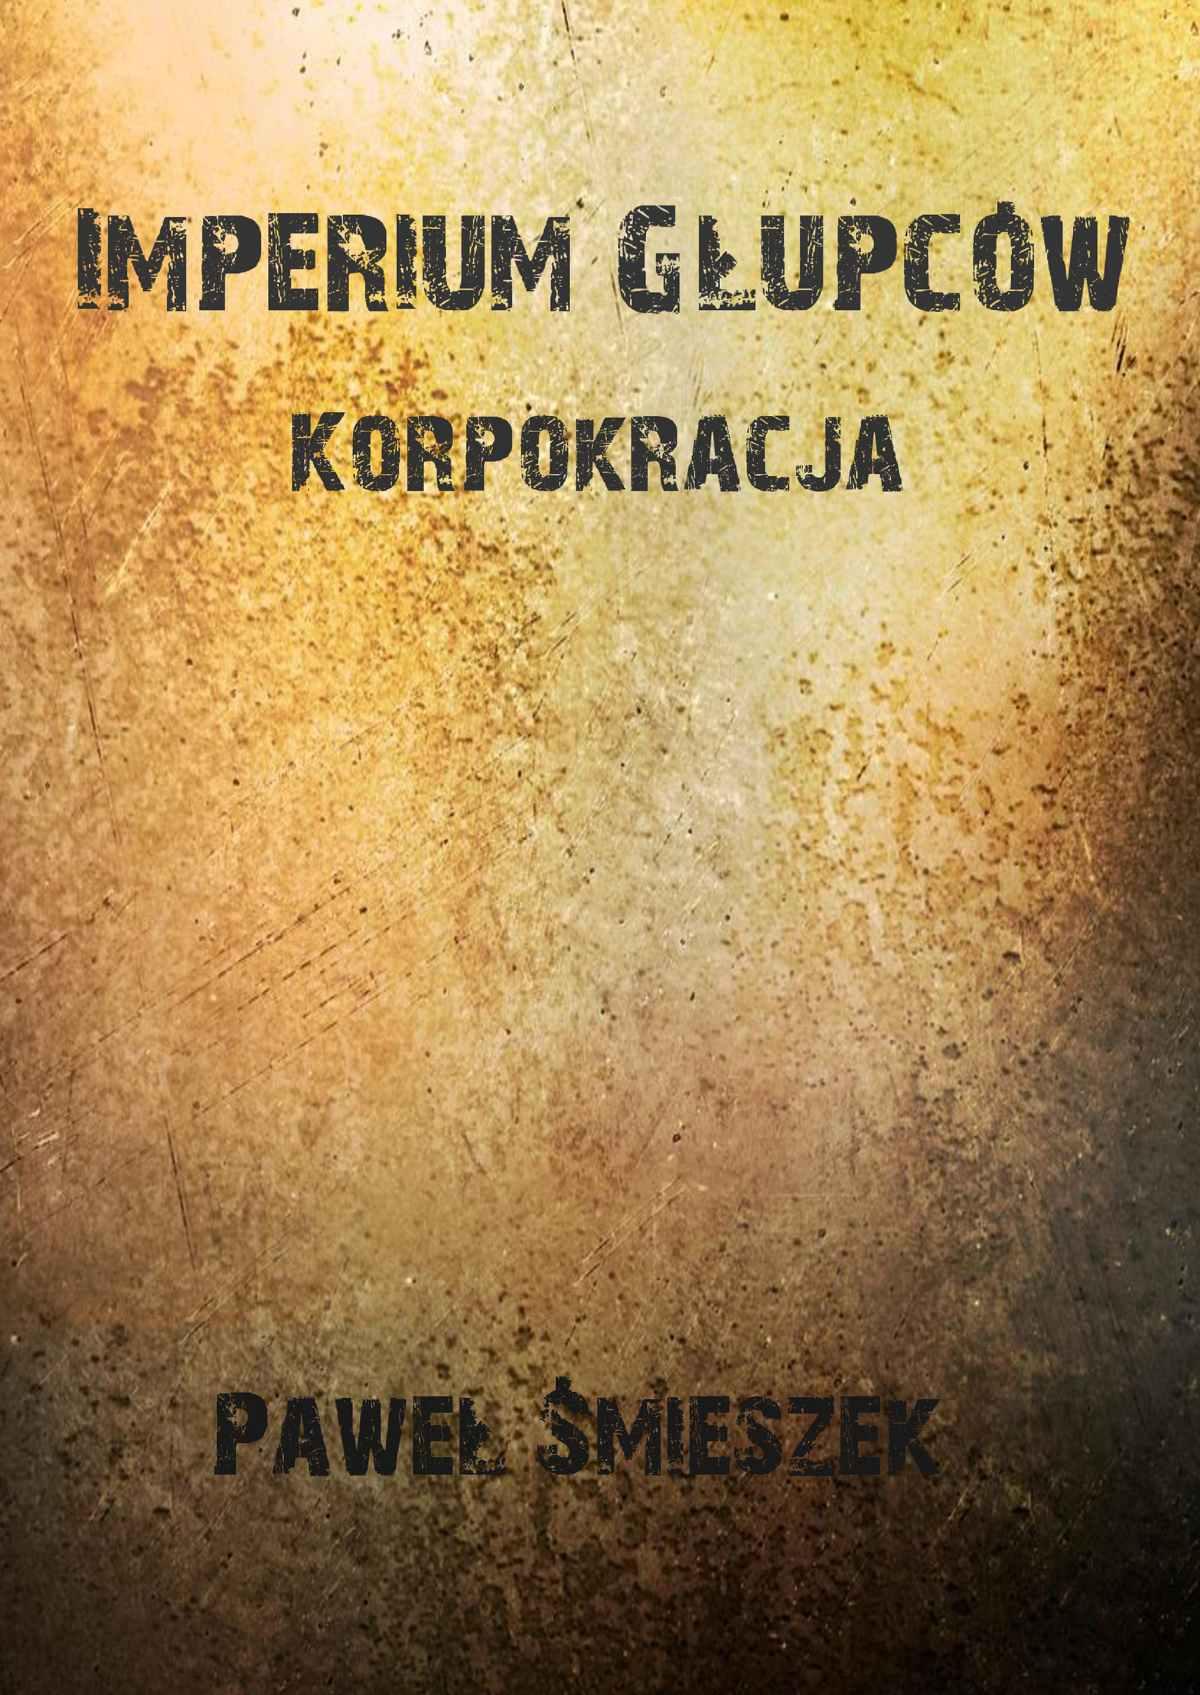 Korpokracja. Imperium głupców - Ebook (Książka PDF) do pobrania w formacie PDF